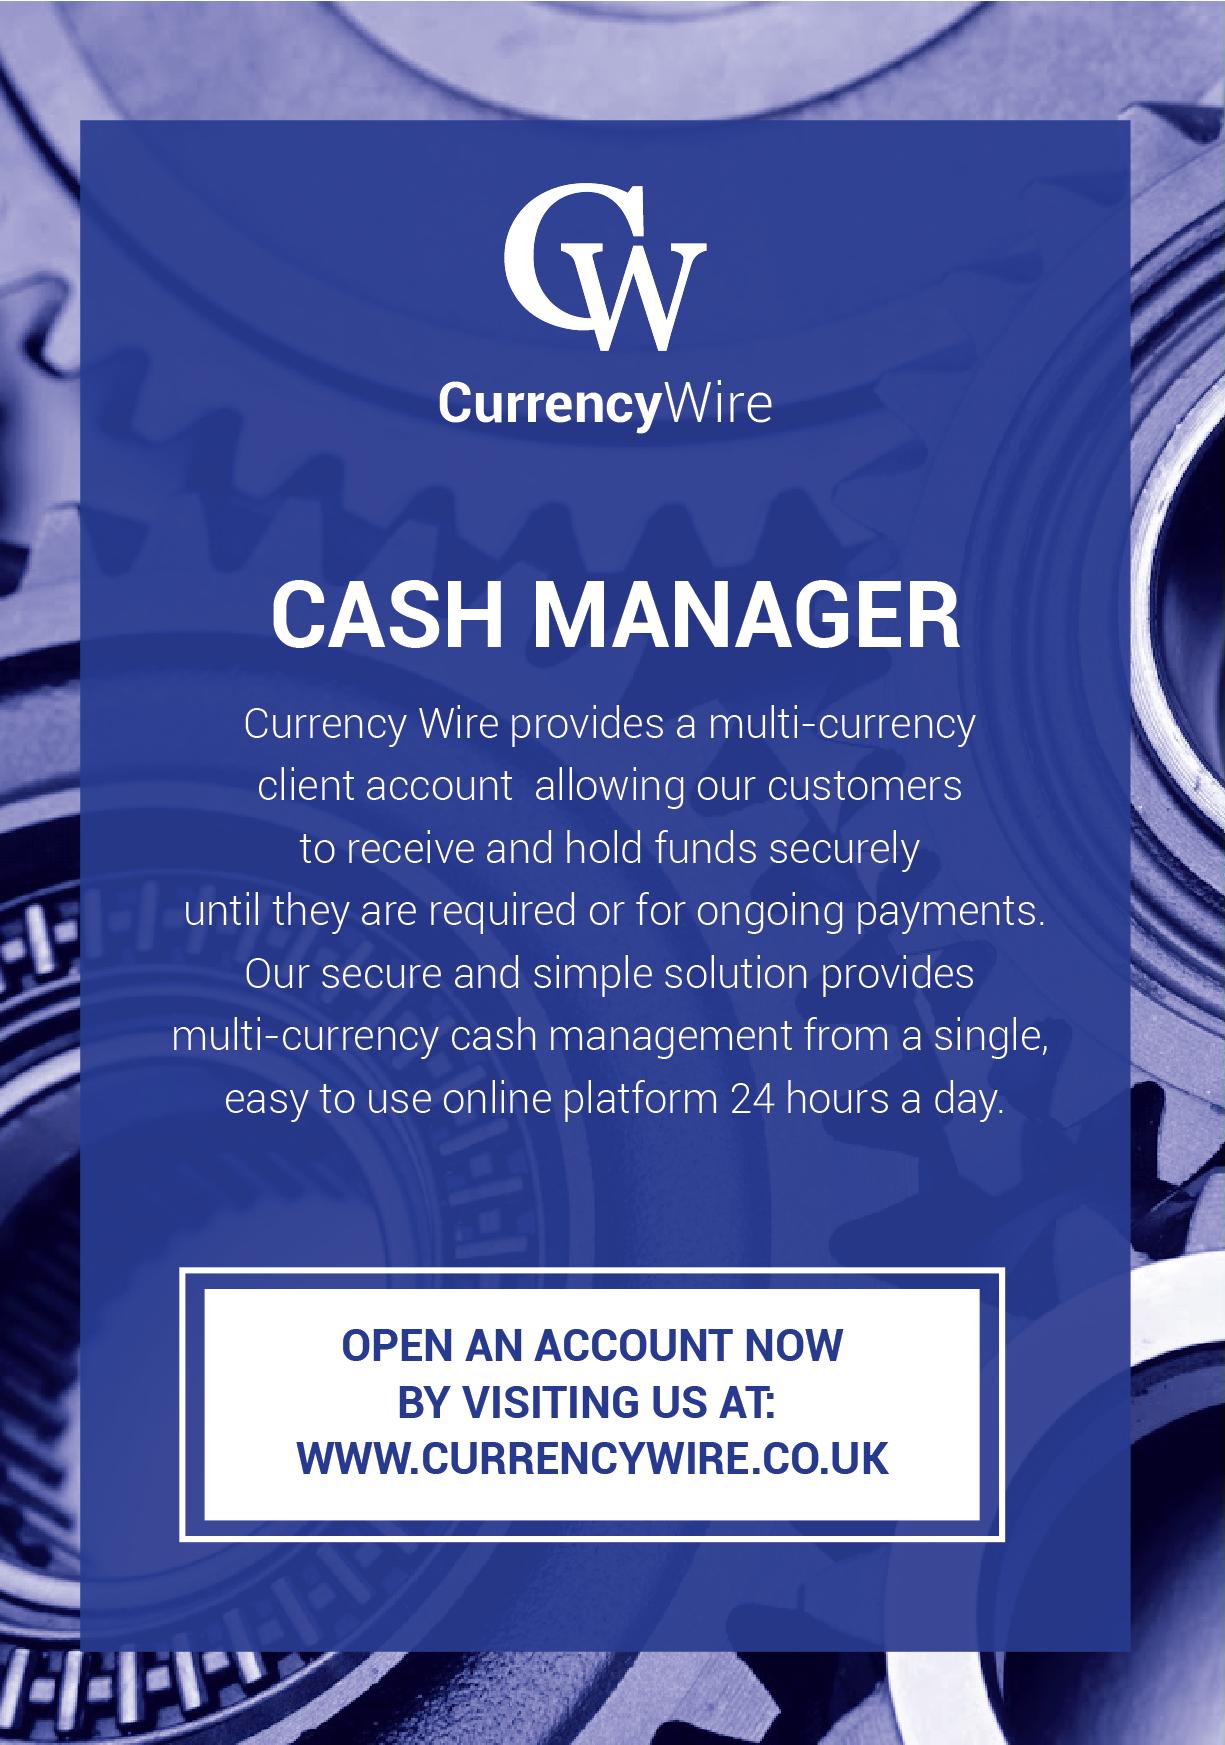 cashmanager_ad_socials.png